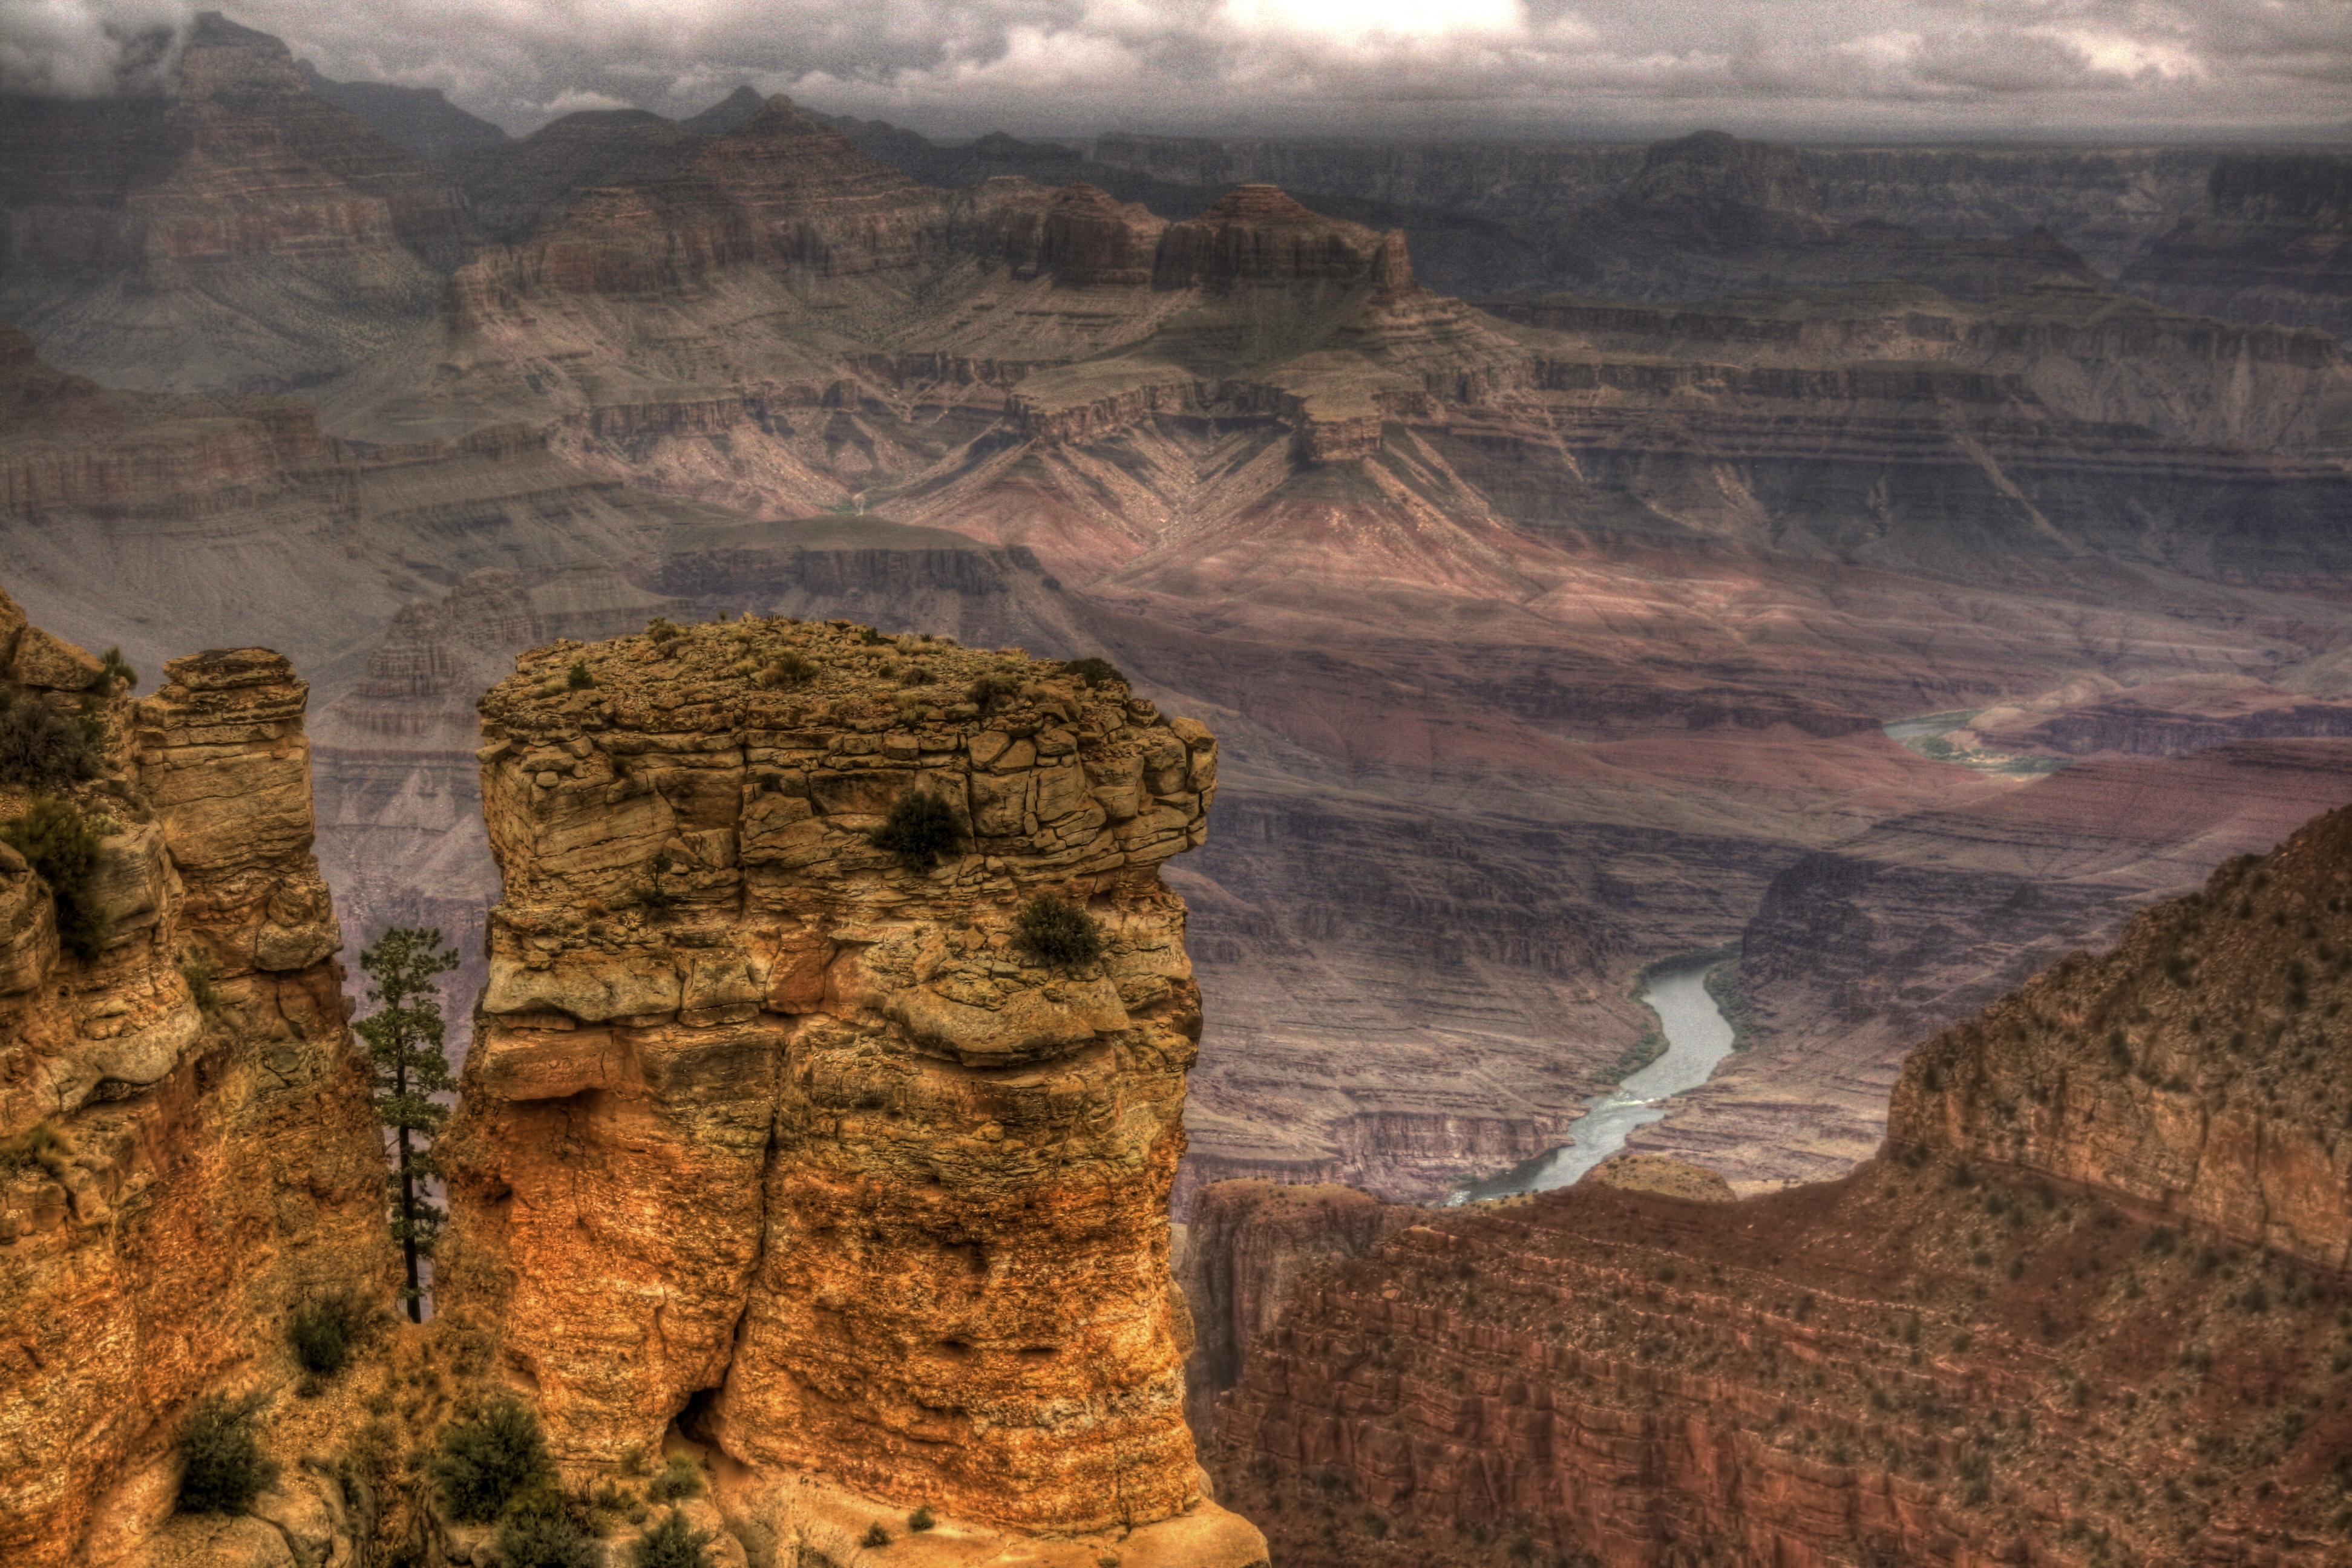 Colorado river down below